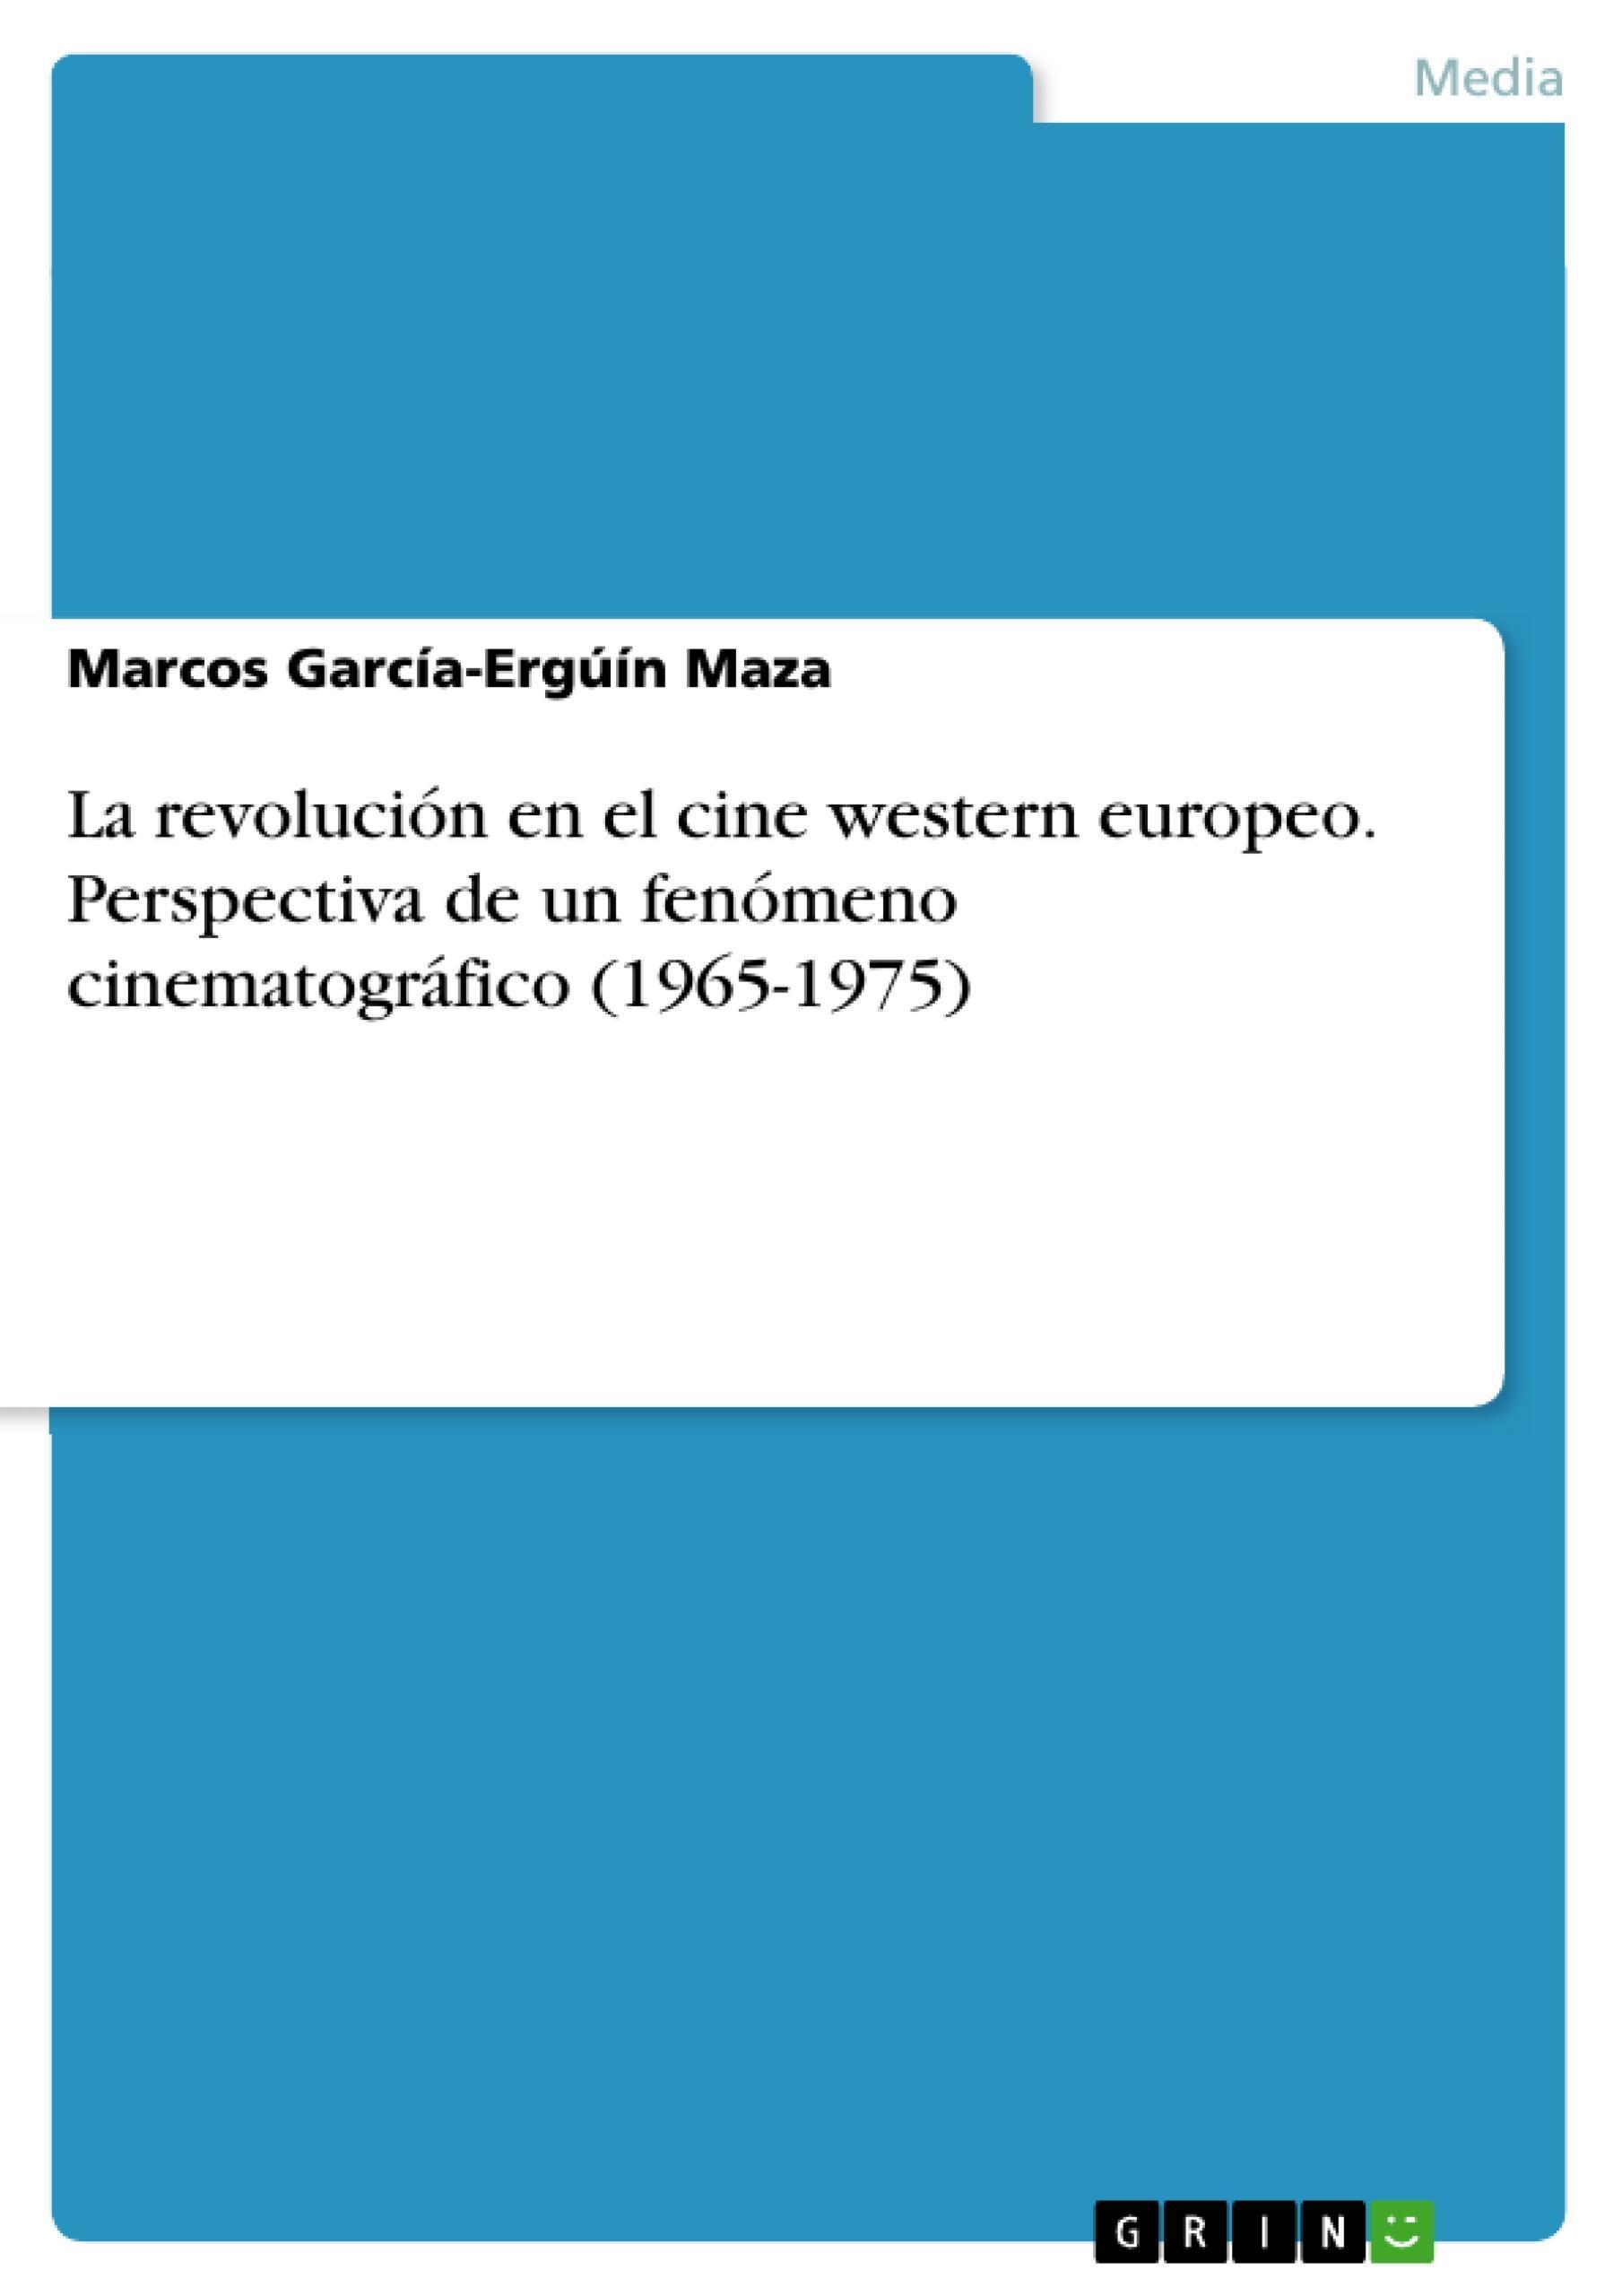 La revolución en el cine western europeo. Perspectiva de un fenómeno cinema ...